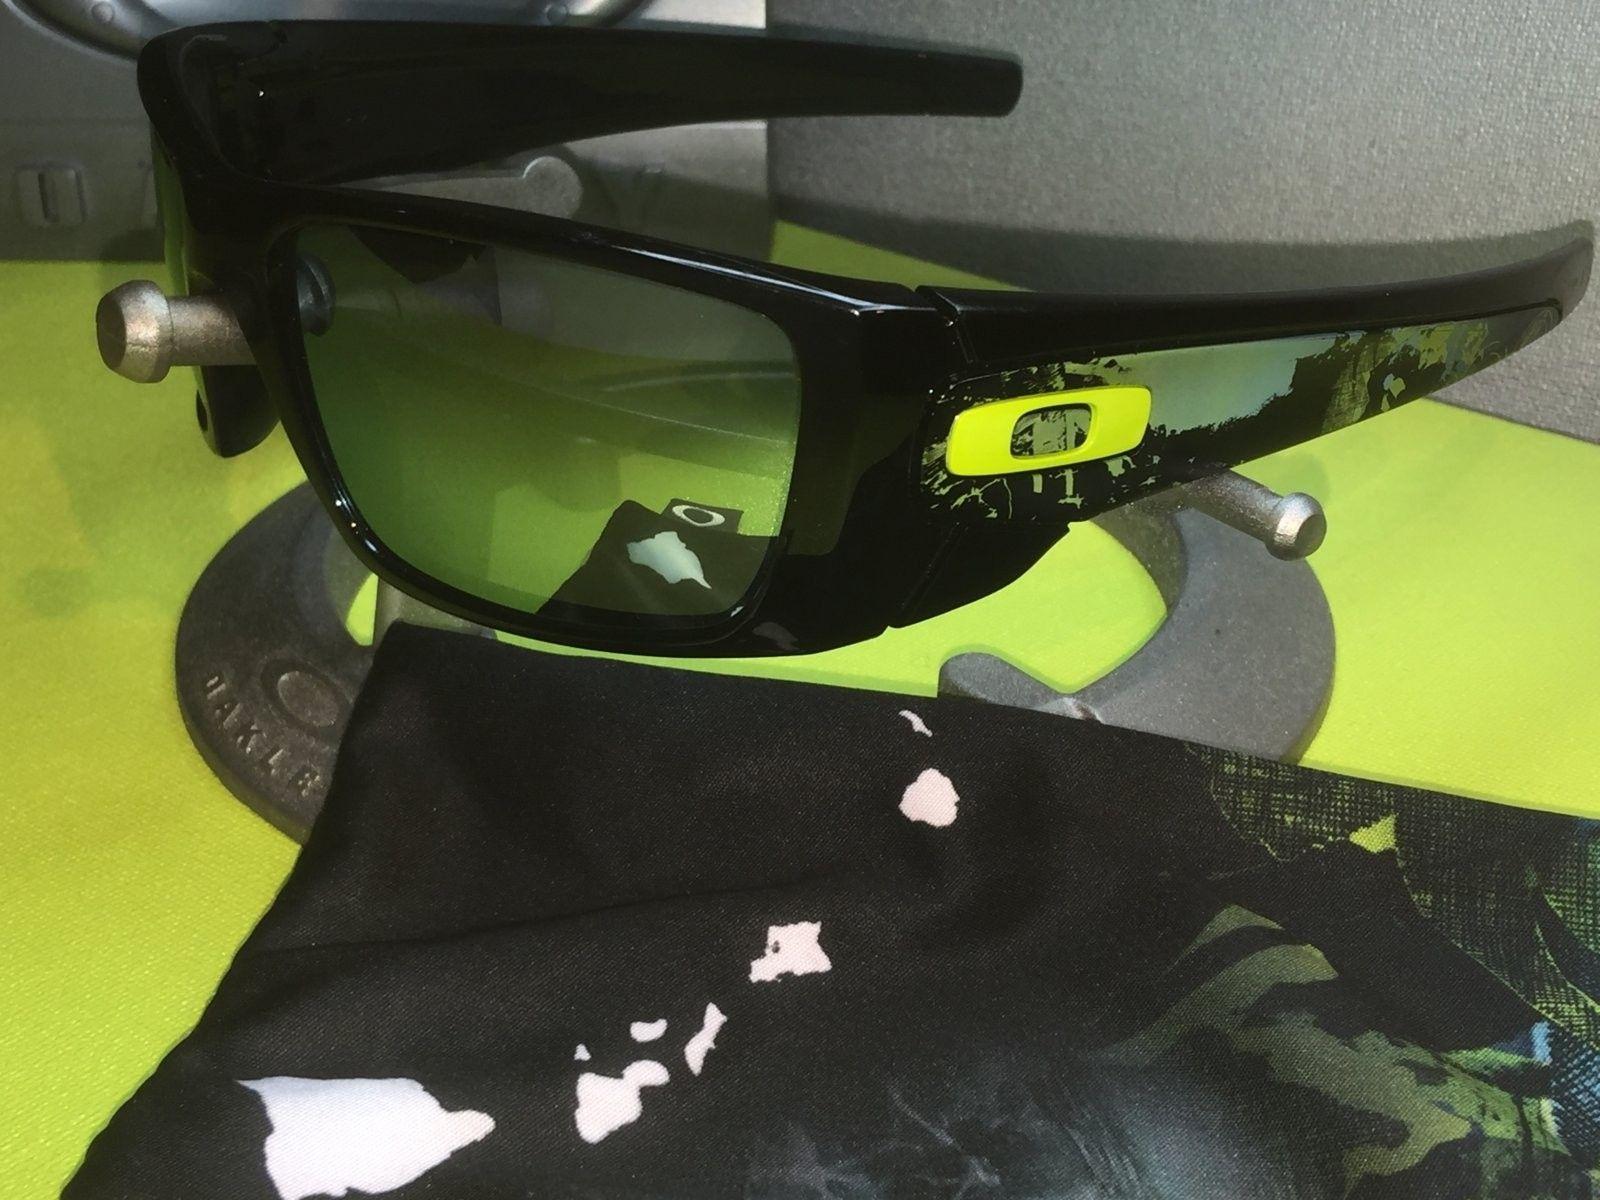 Used HAWAIIAN Fuel Cell W/Custom Emerald - New Hard Case & Bag - IMG_4108.JPG